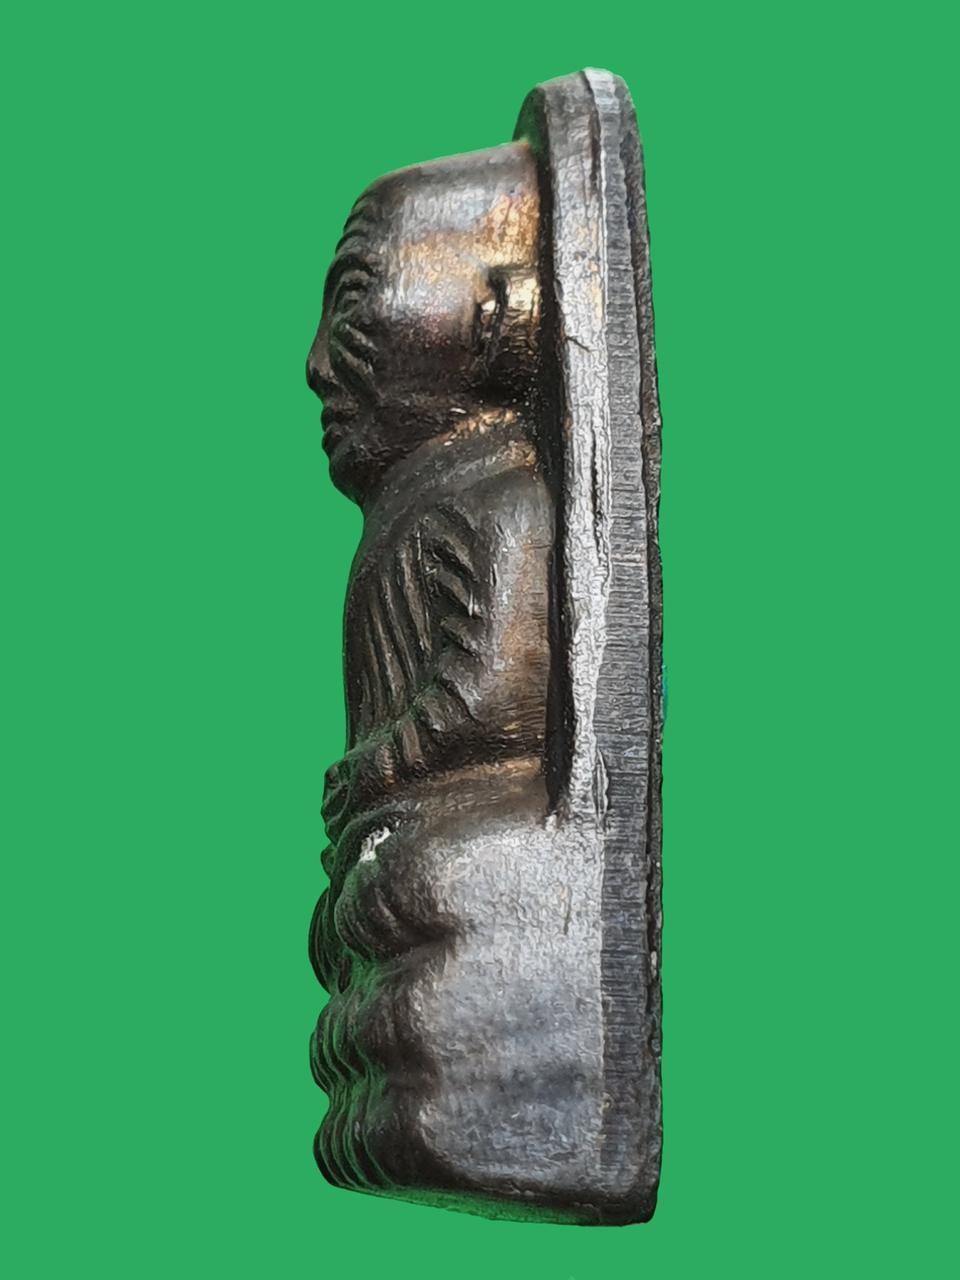 พระหลวงปู่ทวด เตารีดหลังหนัง พิมพ์เล็ก ท. วัดช้างให้ ปี 2506 รูปที่ 4